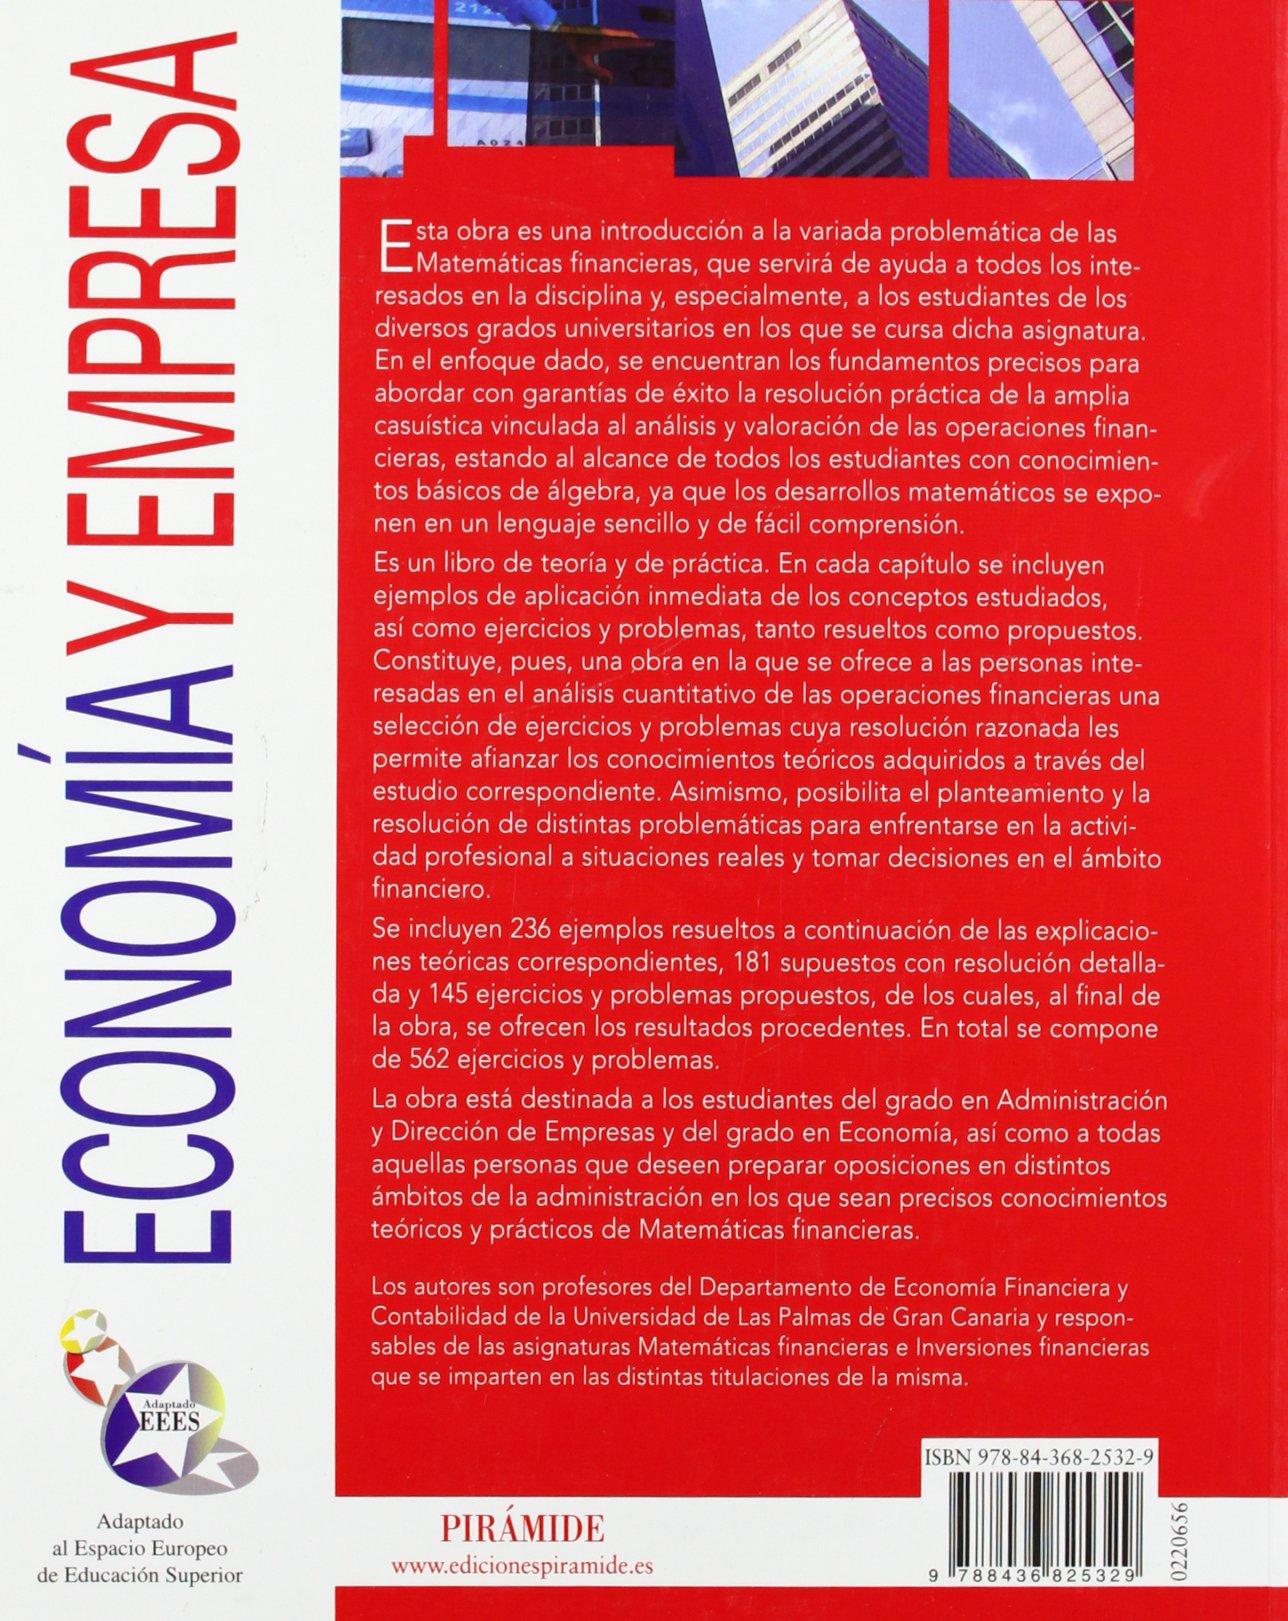 Matemáticas financieras (Economía Y Empresa): Amazon.es: Juan García Boza: Libros